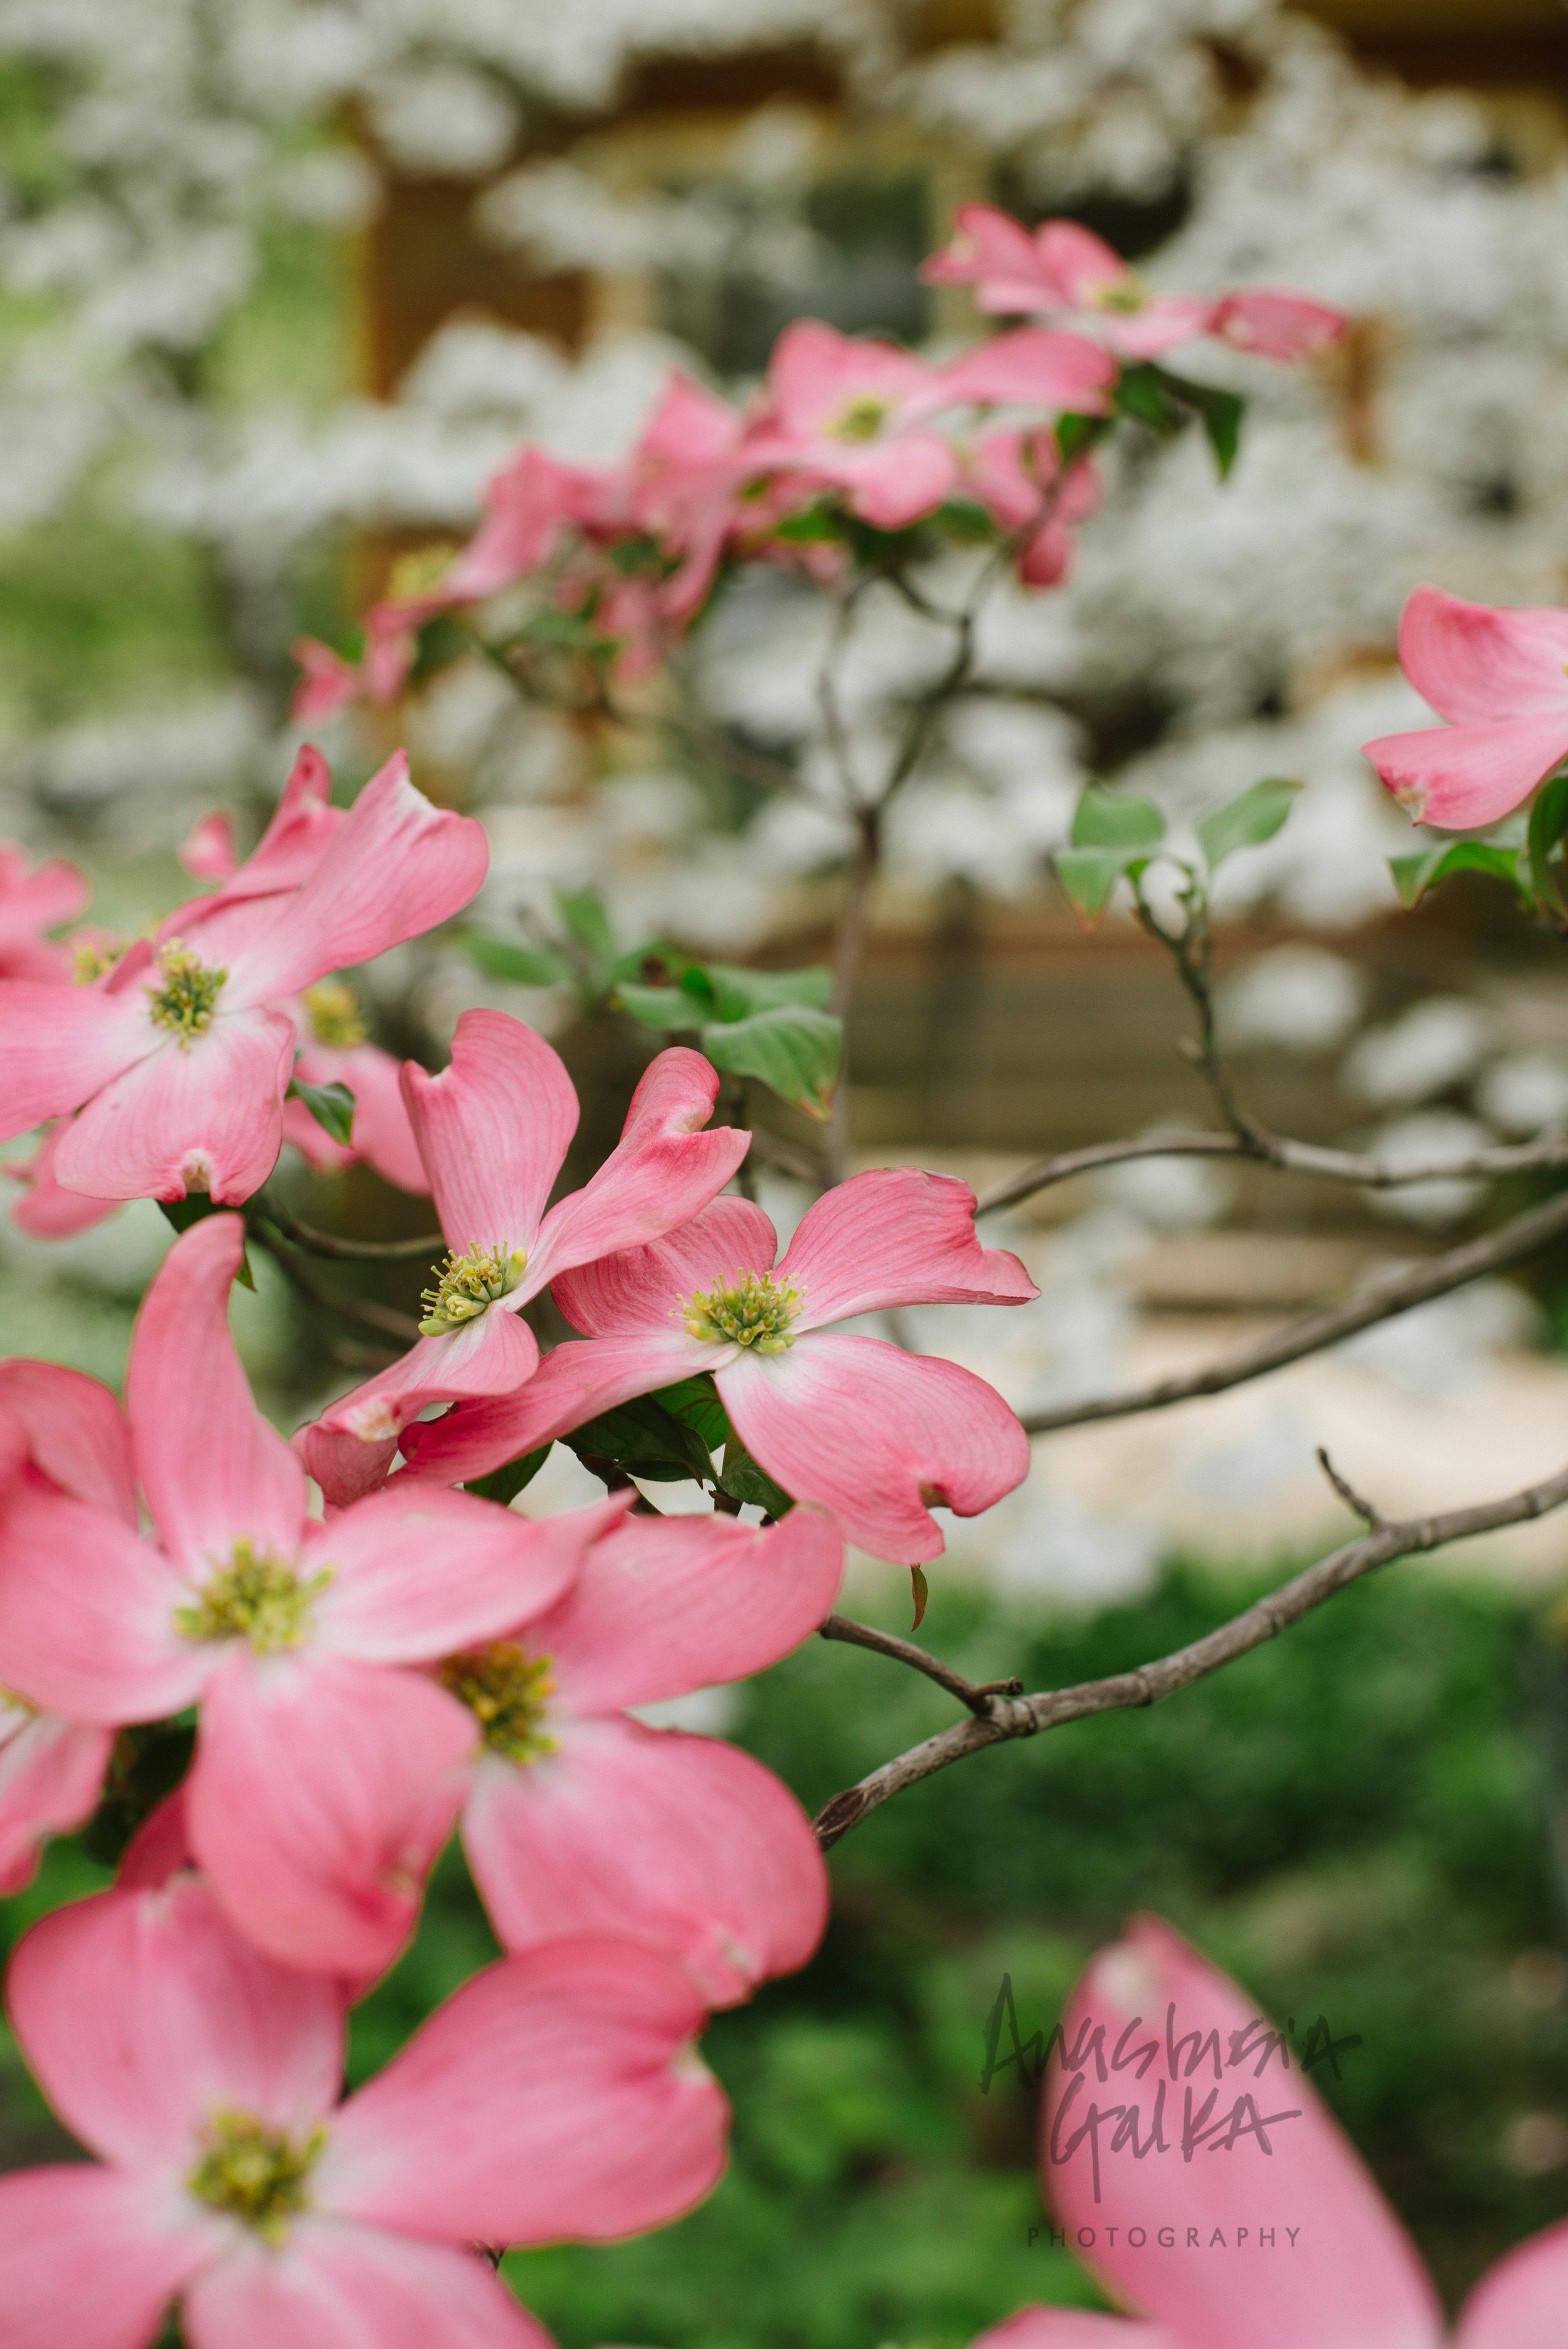 Nature (7 of 11).jpg